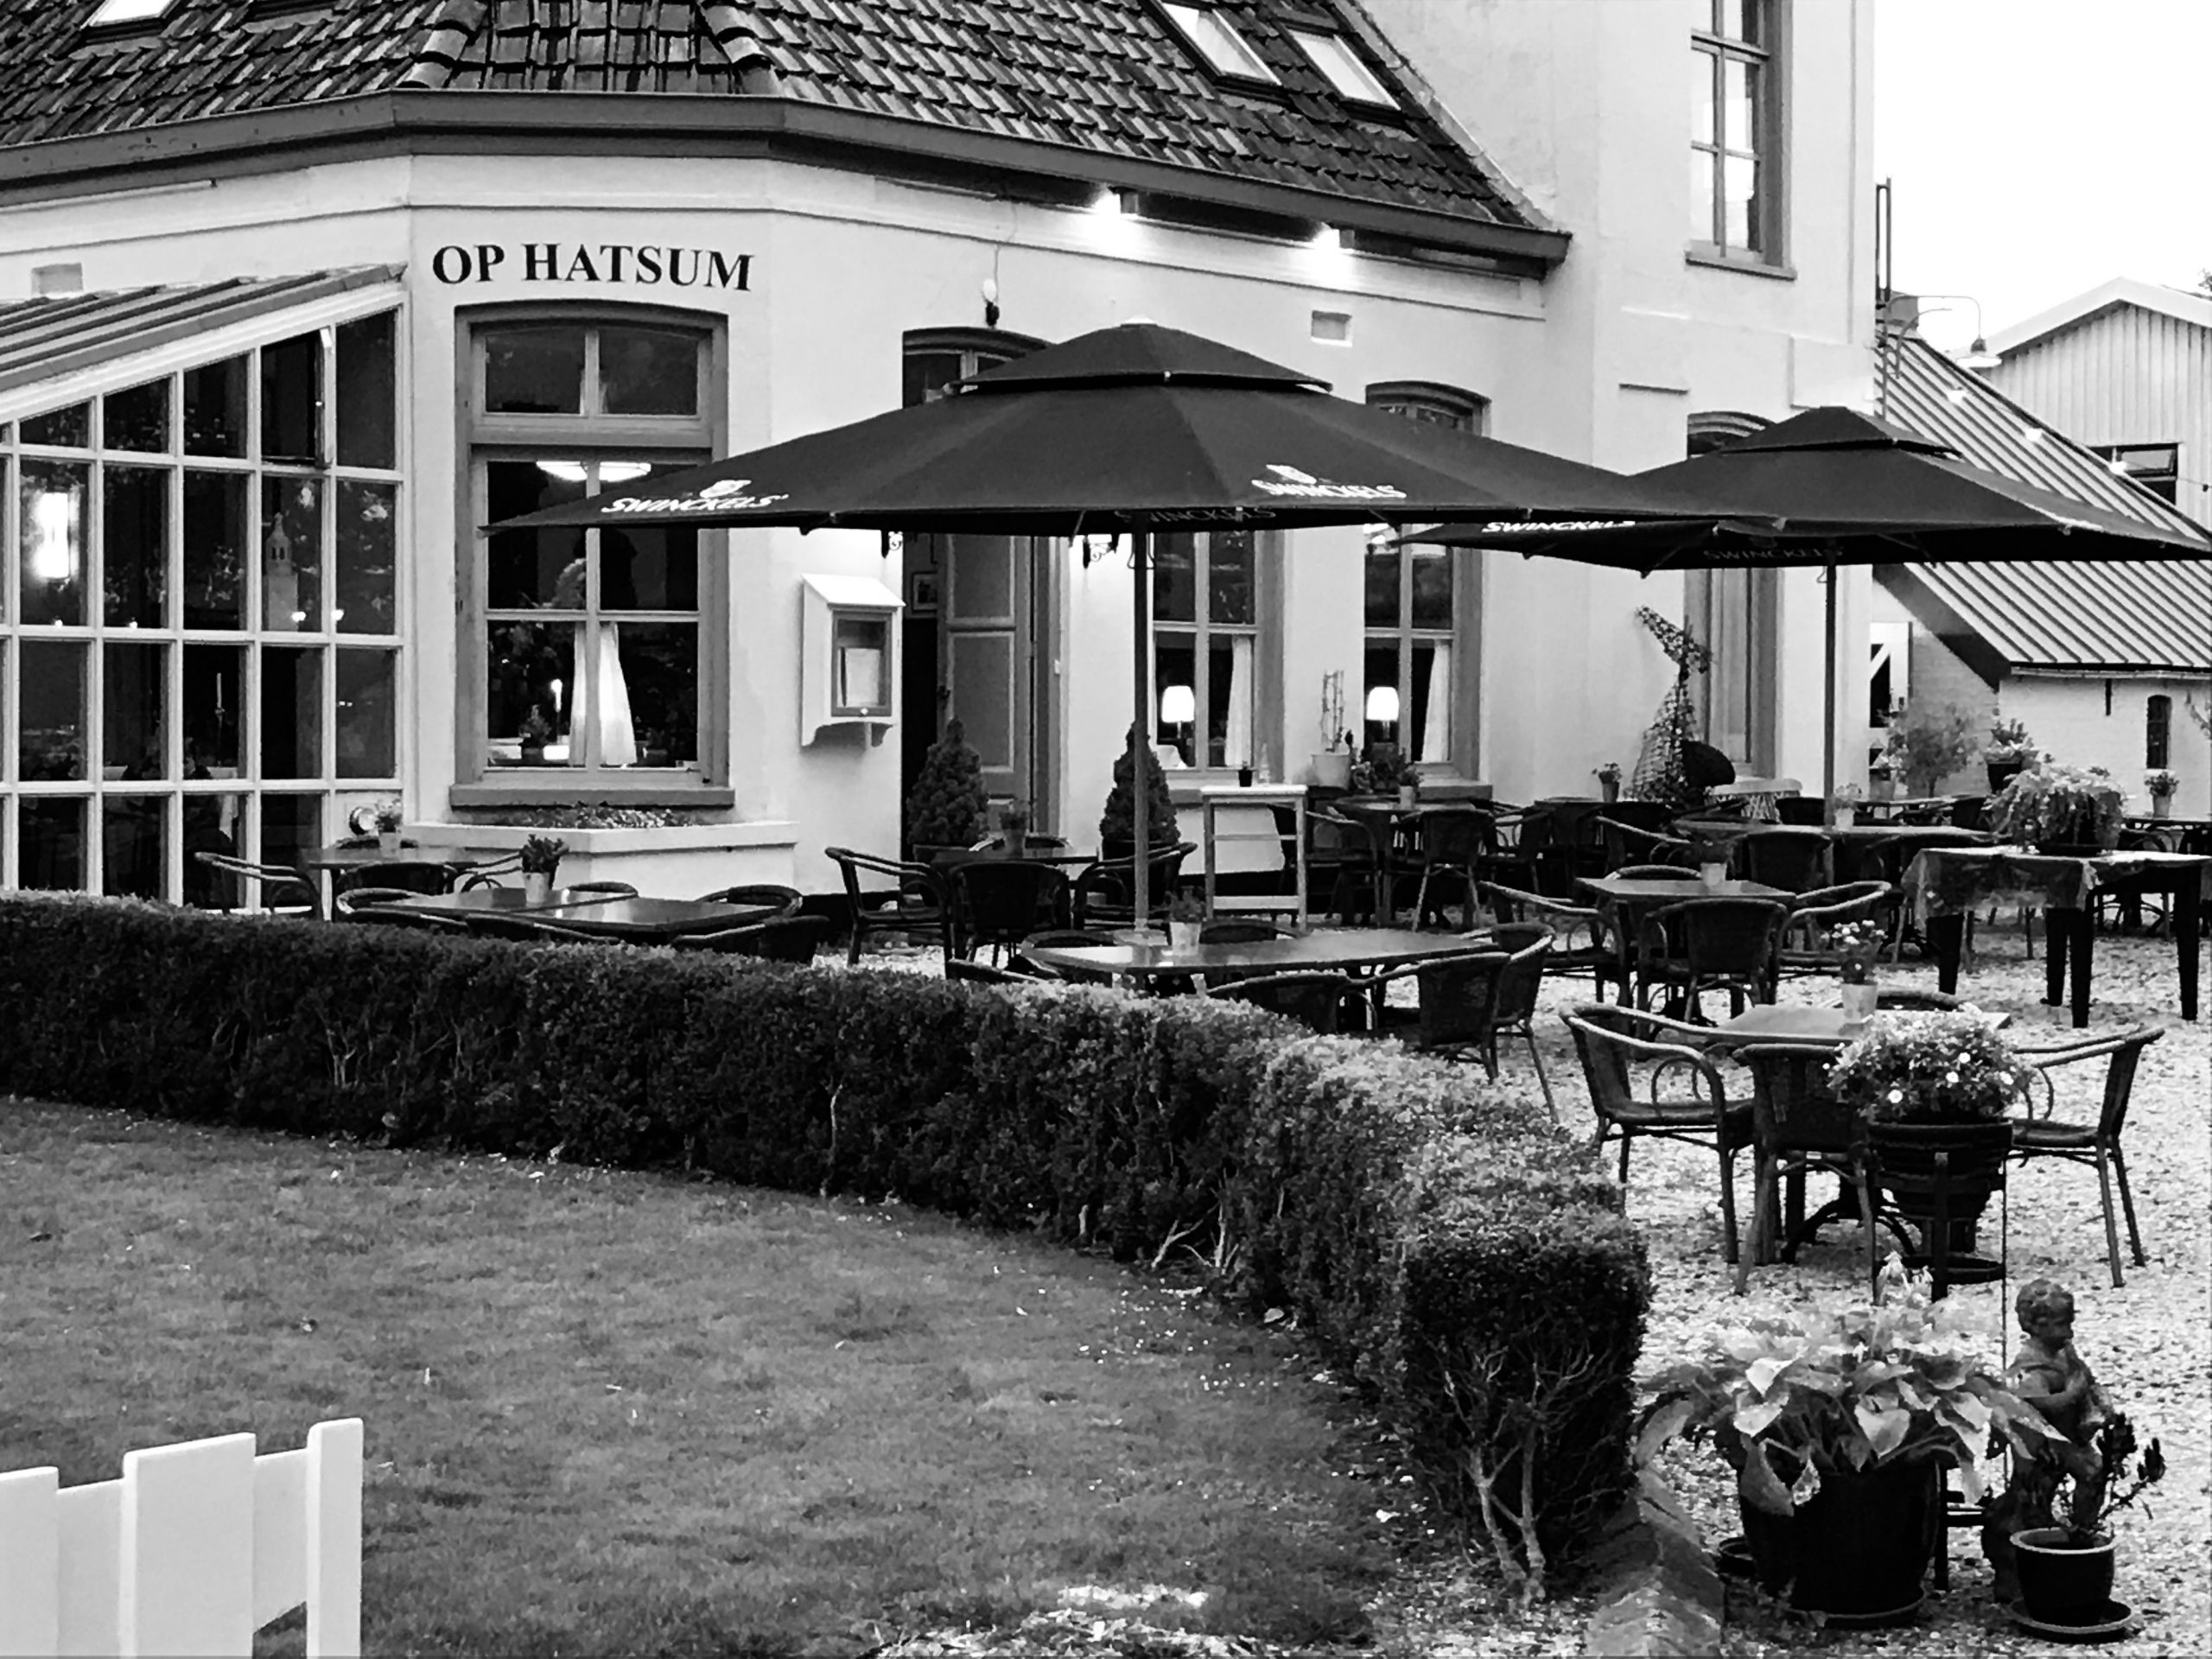 """Private Dining Privé genieten van een lunch of diner! Zo kunt u met uw familie, vrienden of zakenrelaties privé vorstelijk dineren. U zit dan in onze """"Herenkamer"""" of """"De Serre"""" geheel privé. Natuurlijk zorgen wij dat er een bedieningsmedewerker is die u constant 'onzichtbaar' bedient. Meer informatie of (optionele) reservering bel met Corné 0517-231688 of een mailbericht naar info@lokaalophatsum.nl"""